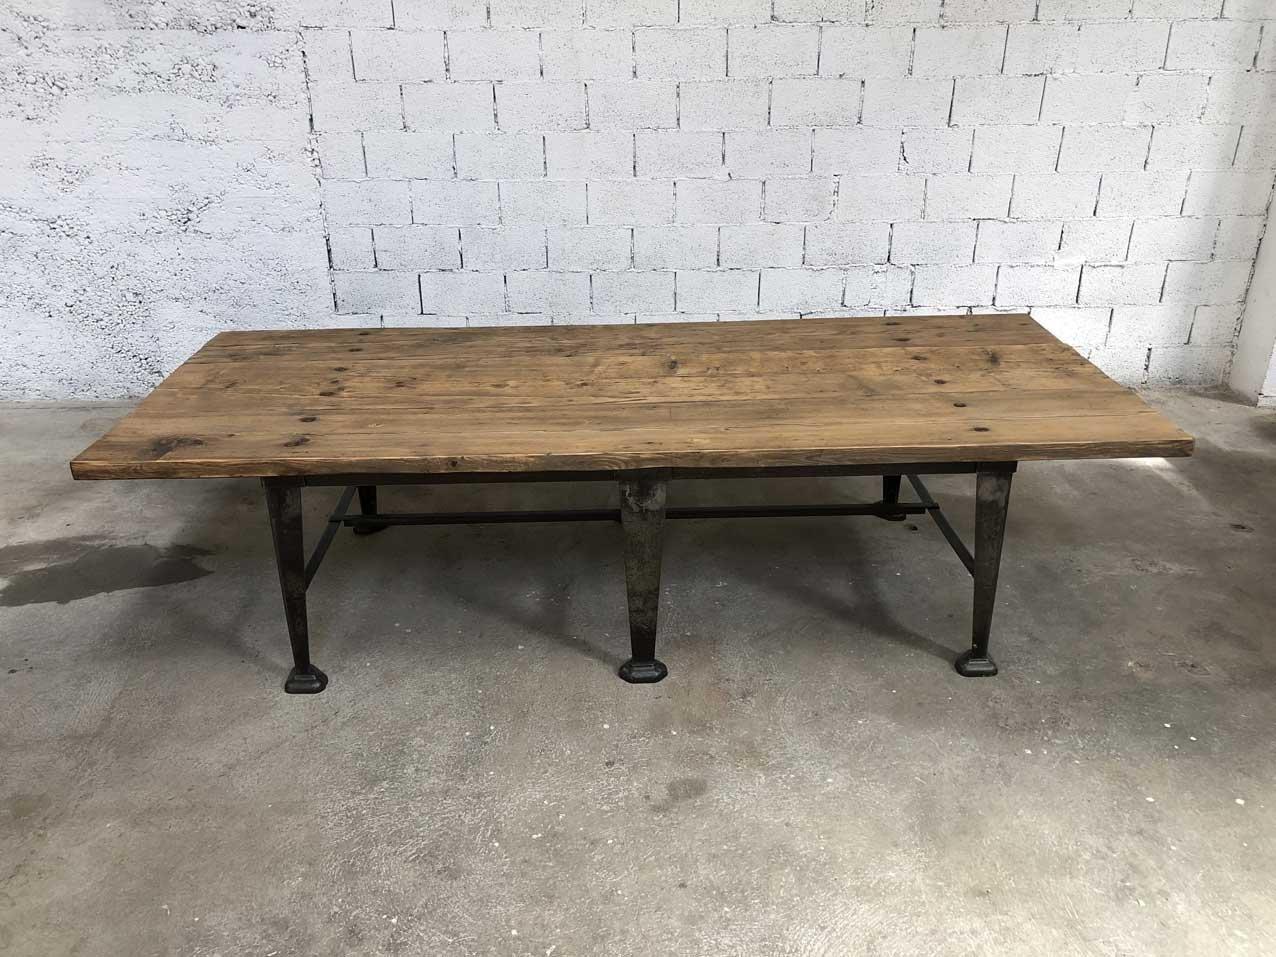 Tavolo Da Pranzo Industriale : Tavolo da pranzo grande vintage industriale in legno di pino in